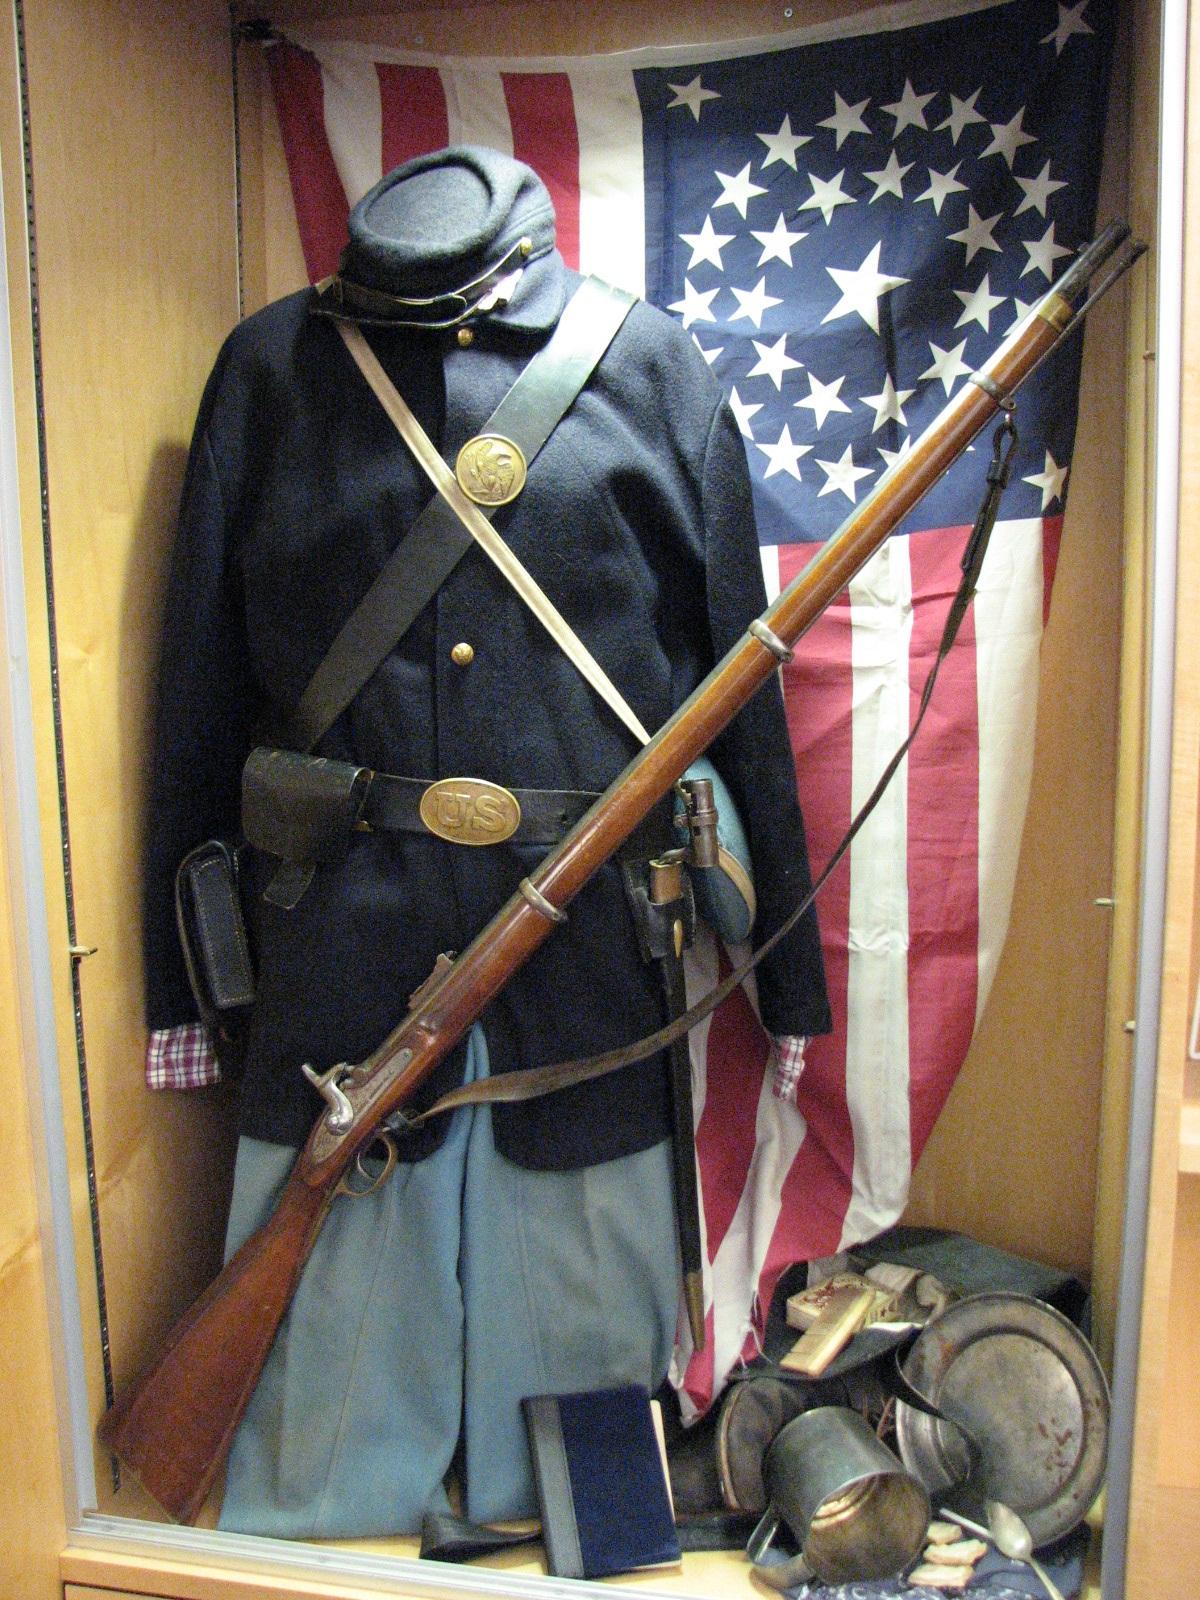 Union Civil War uniform